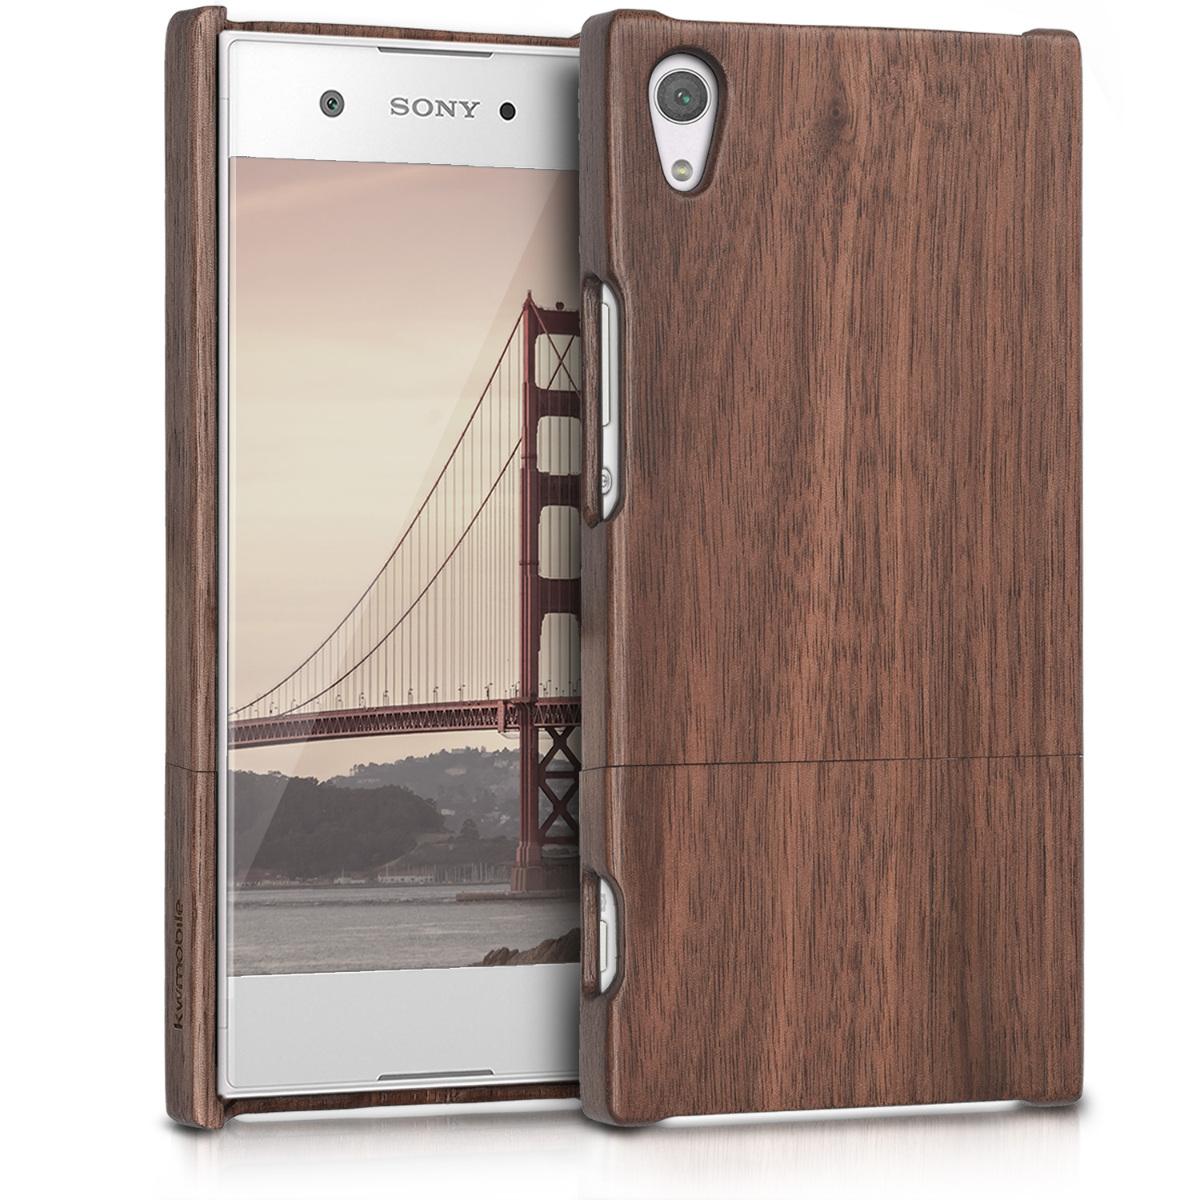 KW Ξύλινη Θήκη Sony Xperia XA1 Ultra - Καφέ (42709.18)